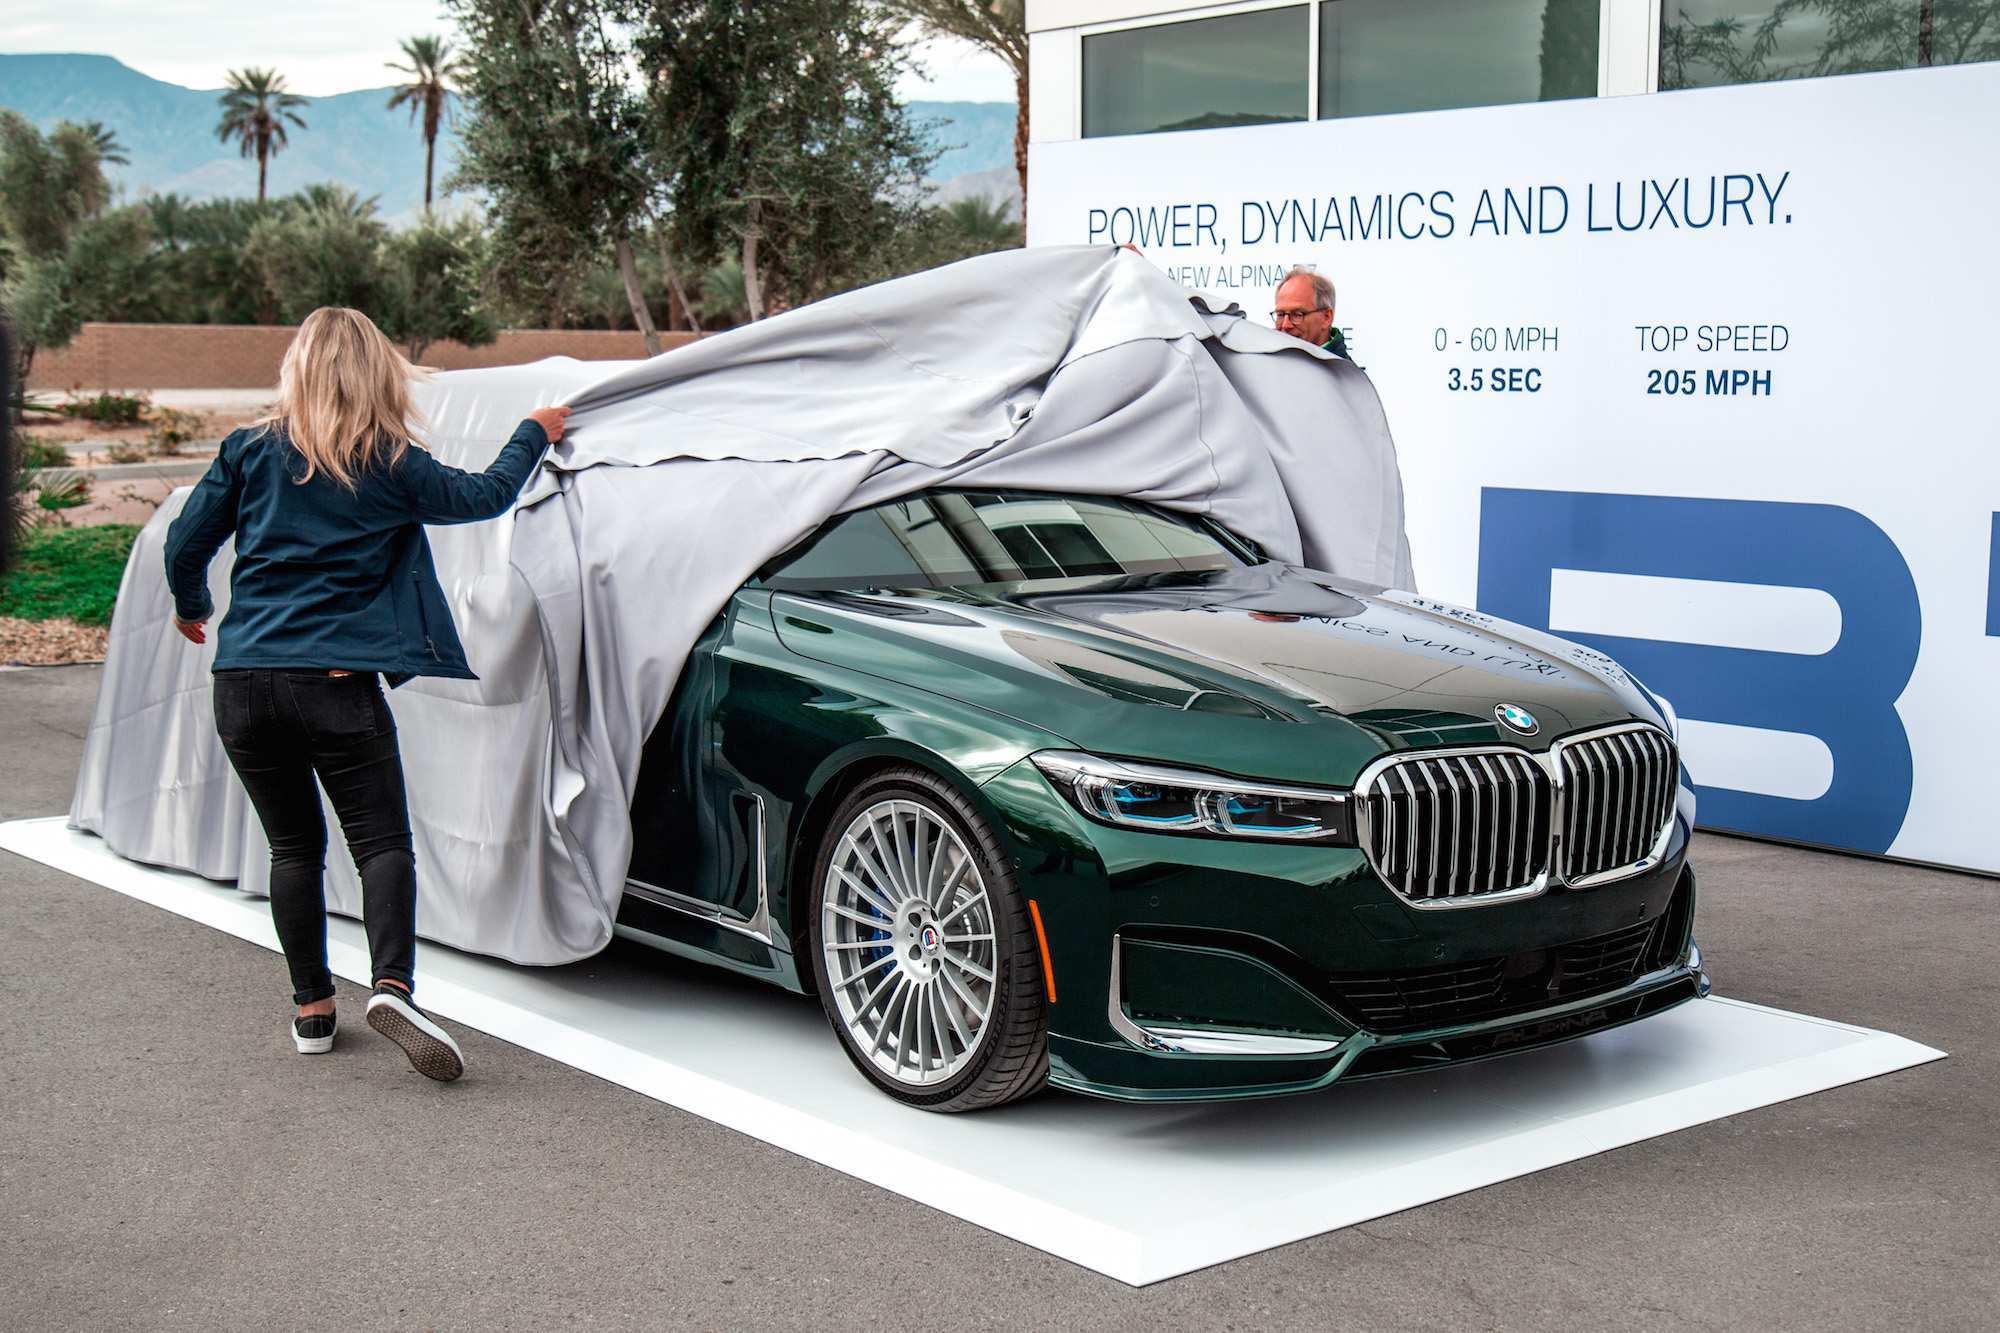 21 Best Review BMW Alpina B7 2020 Price Concept by BMW Alpina B7 2020 Price